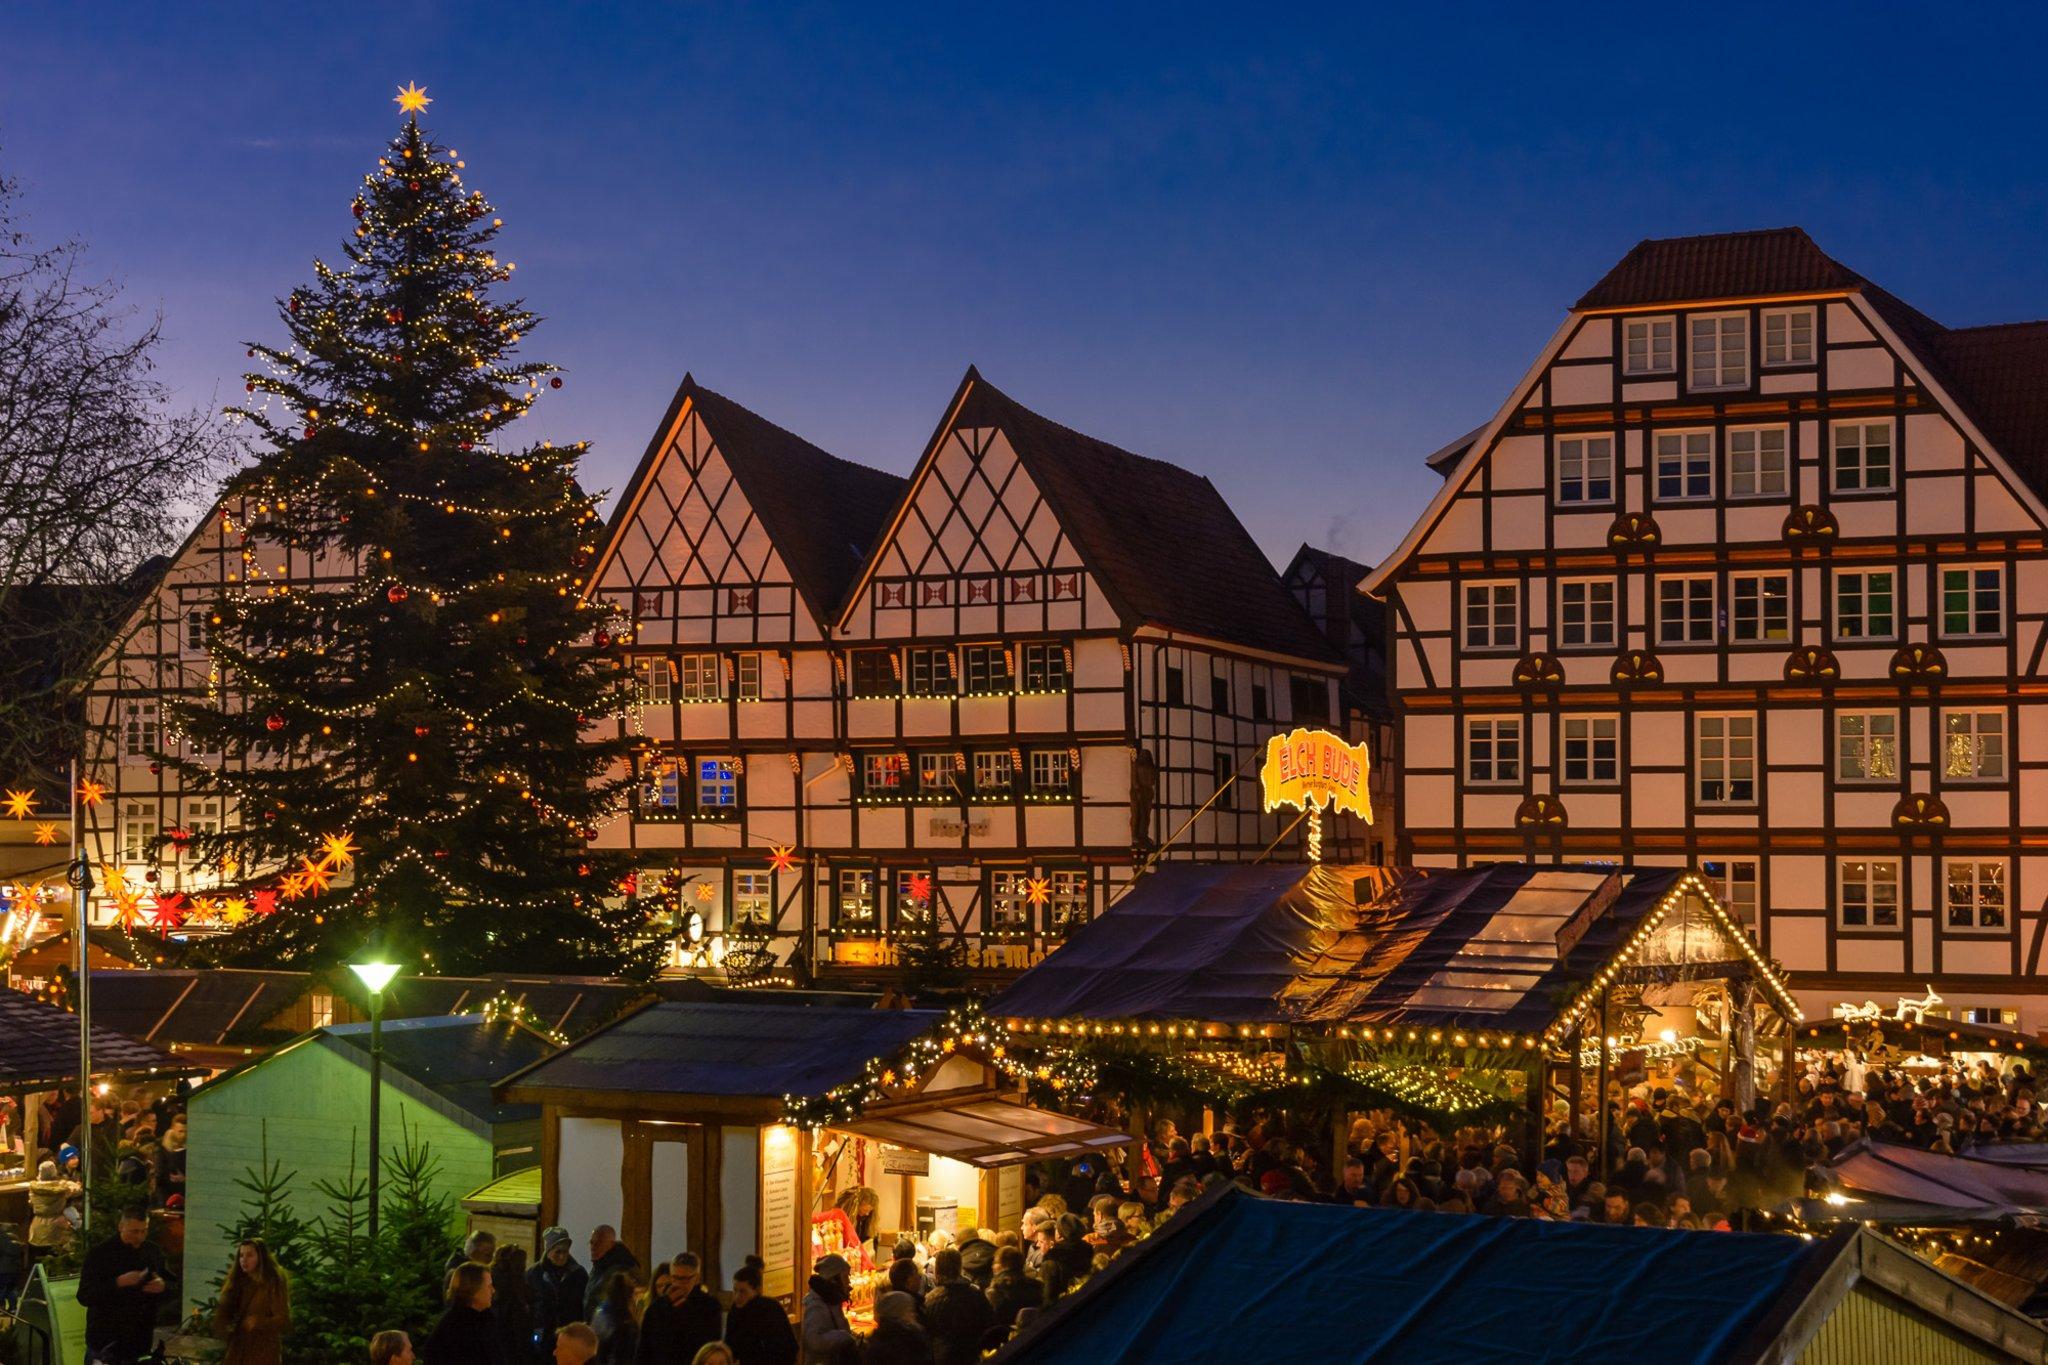 Soest Weihnachtsmarkt.Impressionen Vom Weihnachtsmarkt In Soest Castrop Rauxel